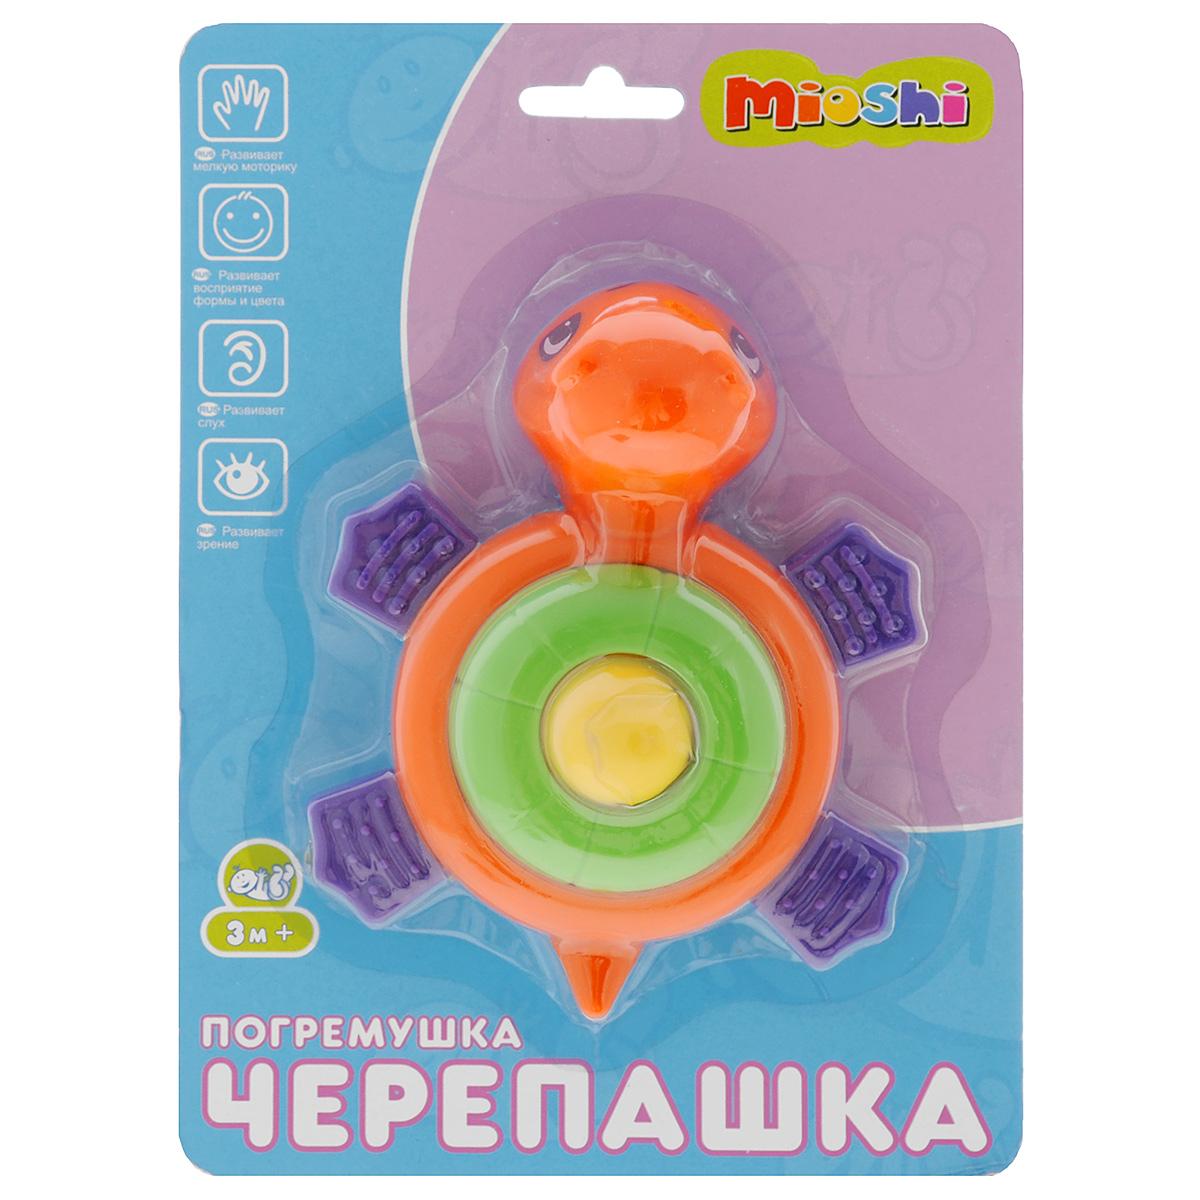 Развивающая игрушка-погремушка Mioshi Черепашка развивающая игрушка mioshi baby весёлый жук